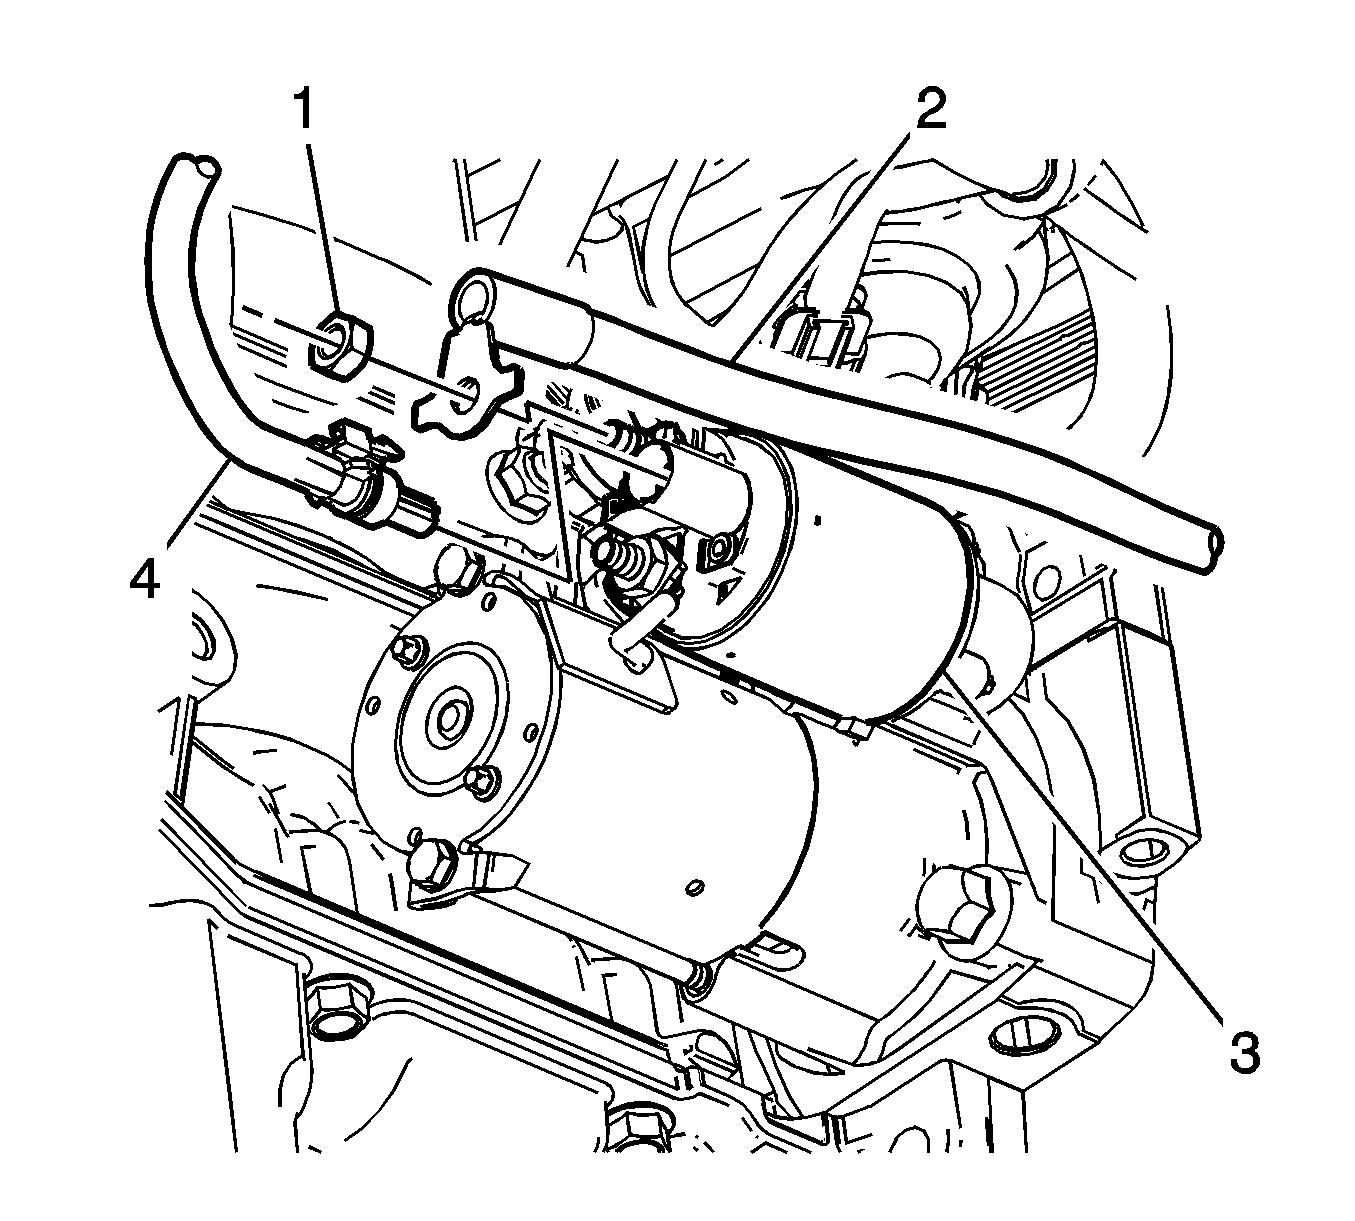 2009 Chevy Cobalt Alternator Wiring Diagram